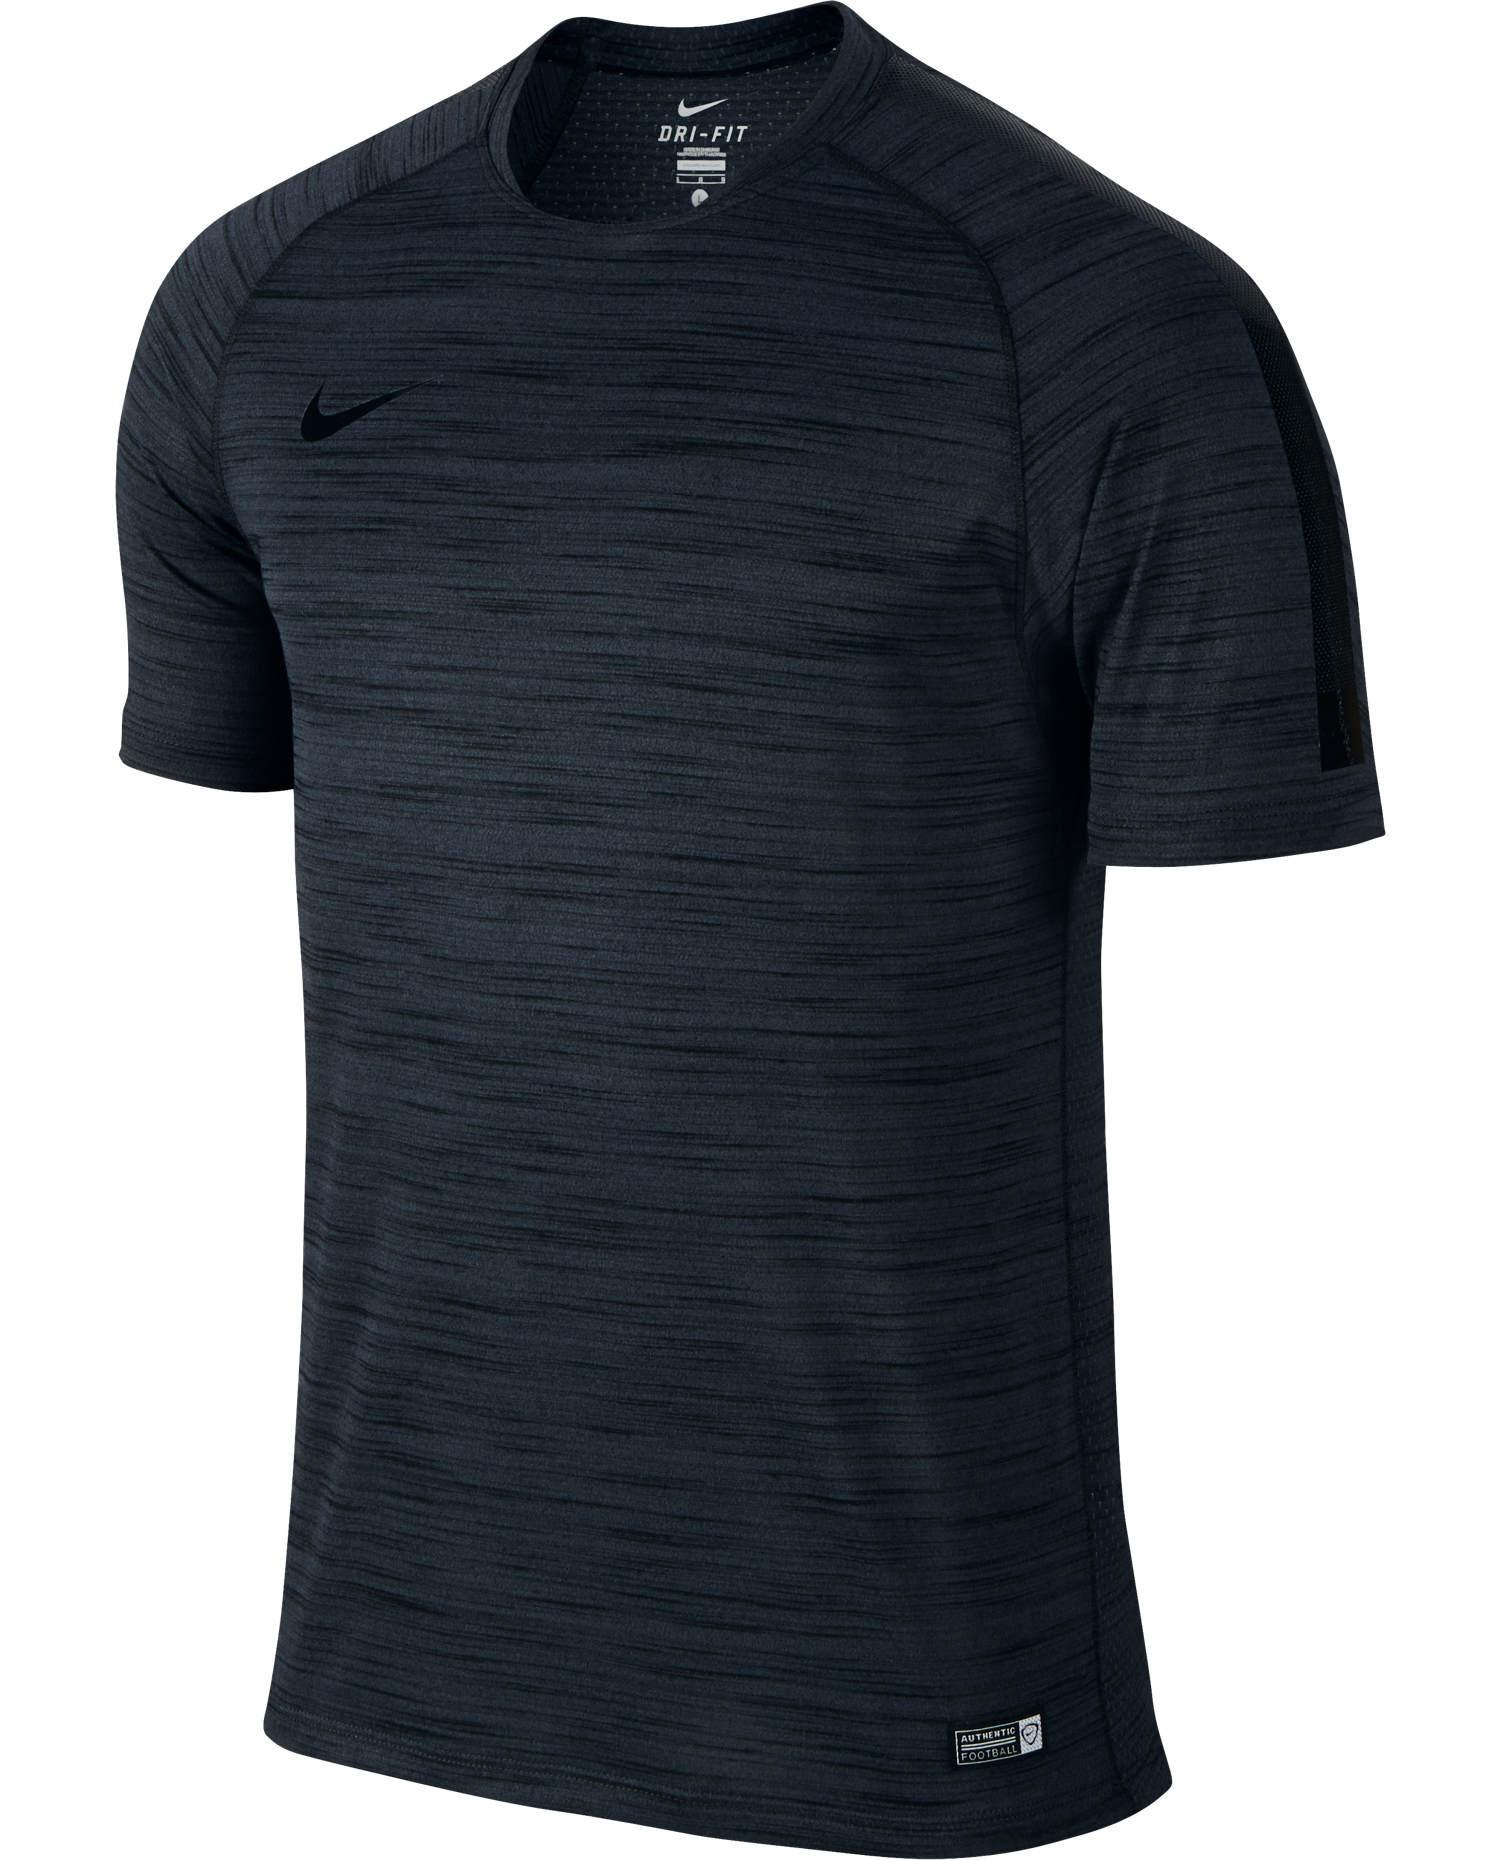 Nike Training Cool Towel: Flash Dri-FIT Cool Nike Training Shirt Black Short Sleeves